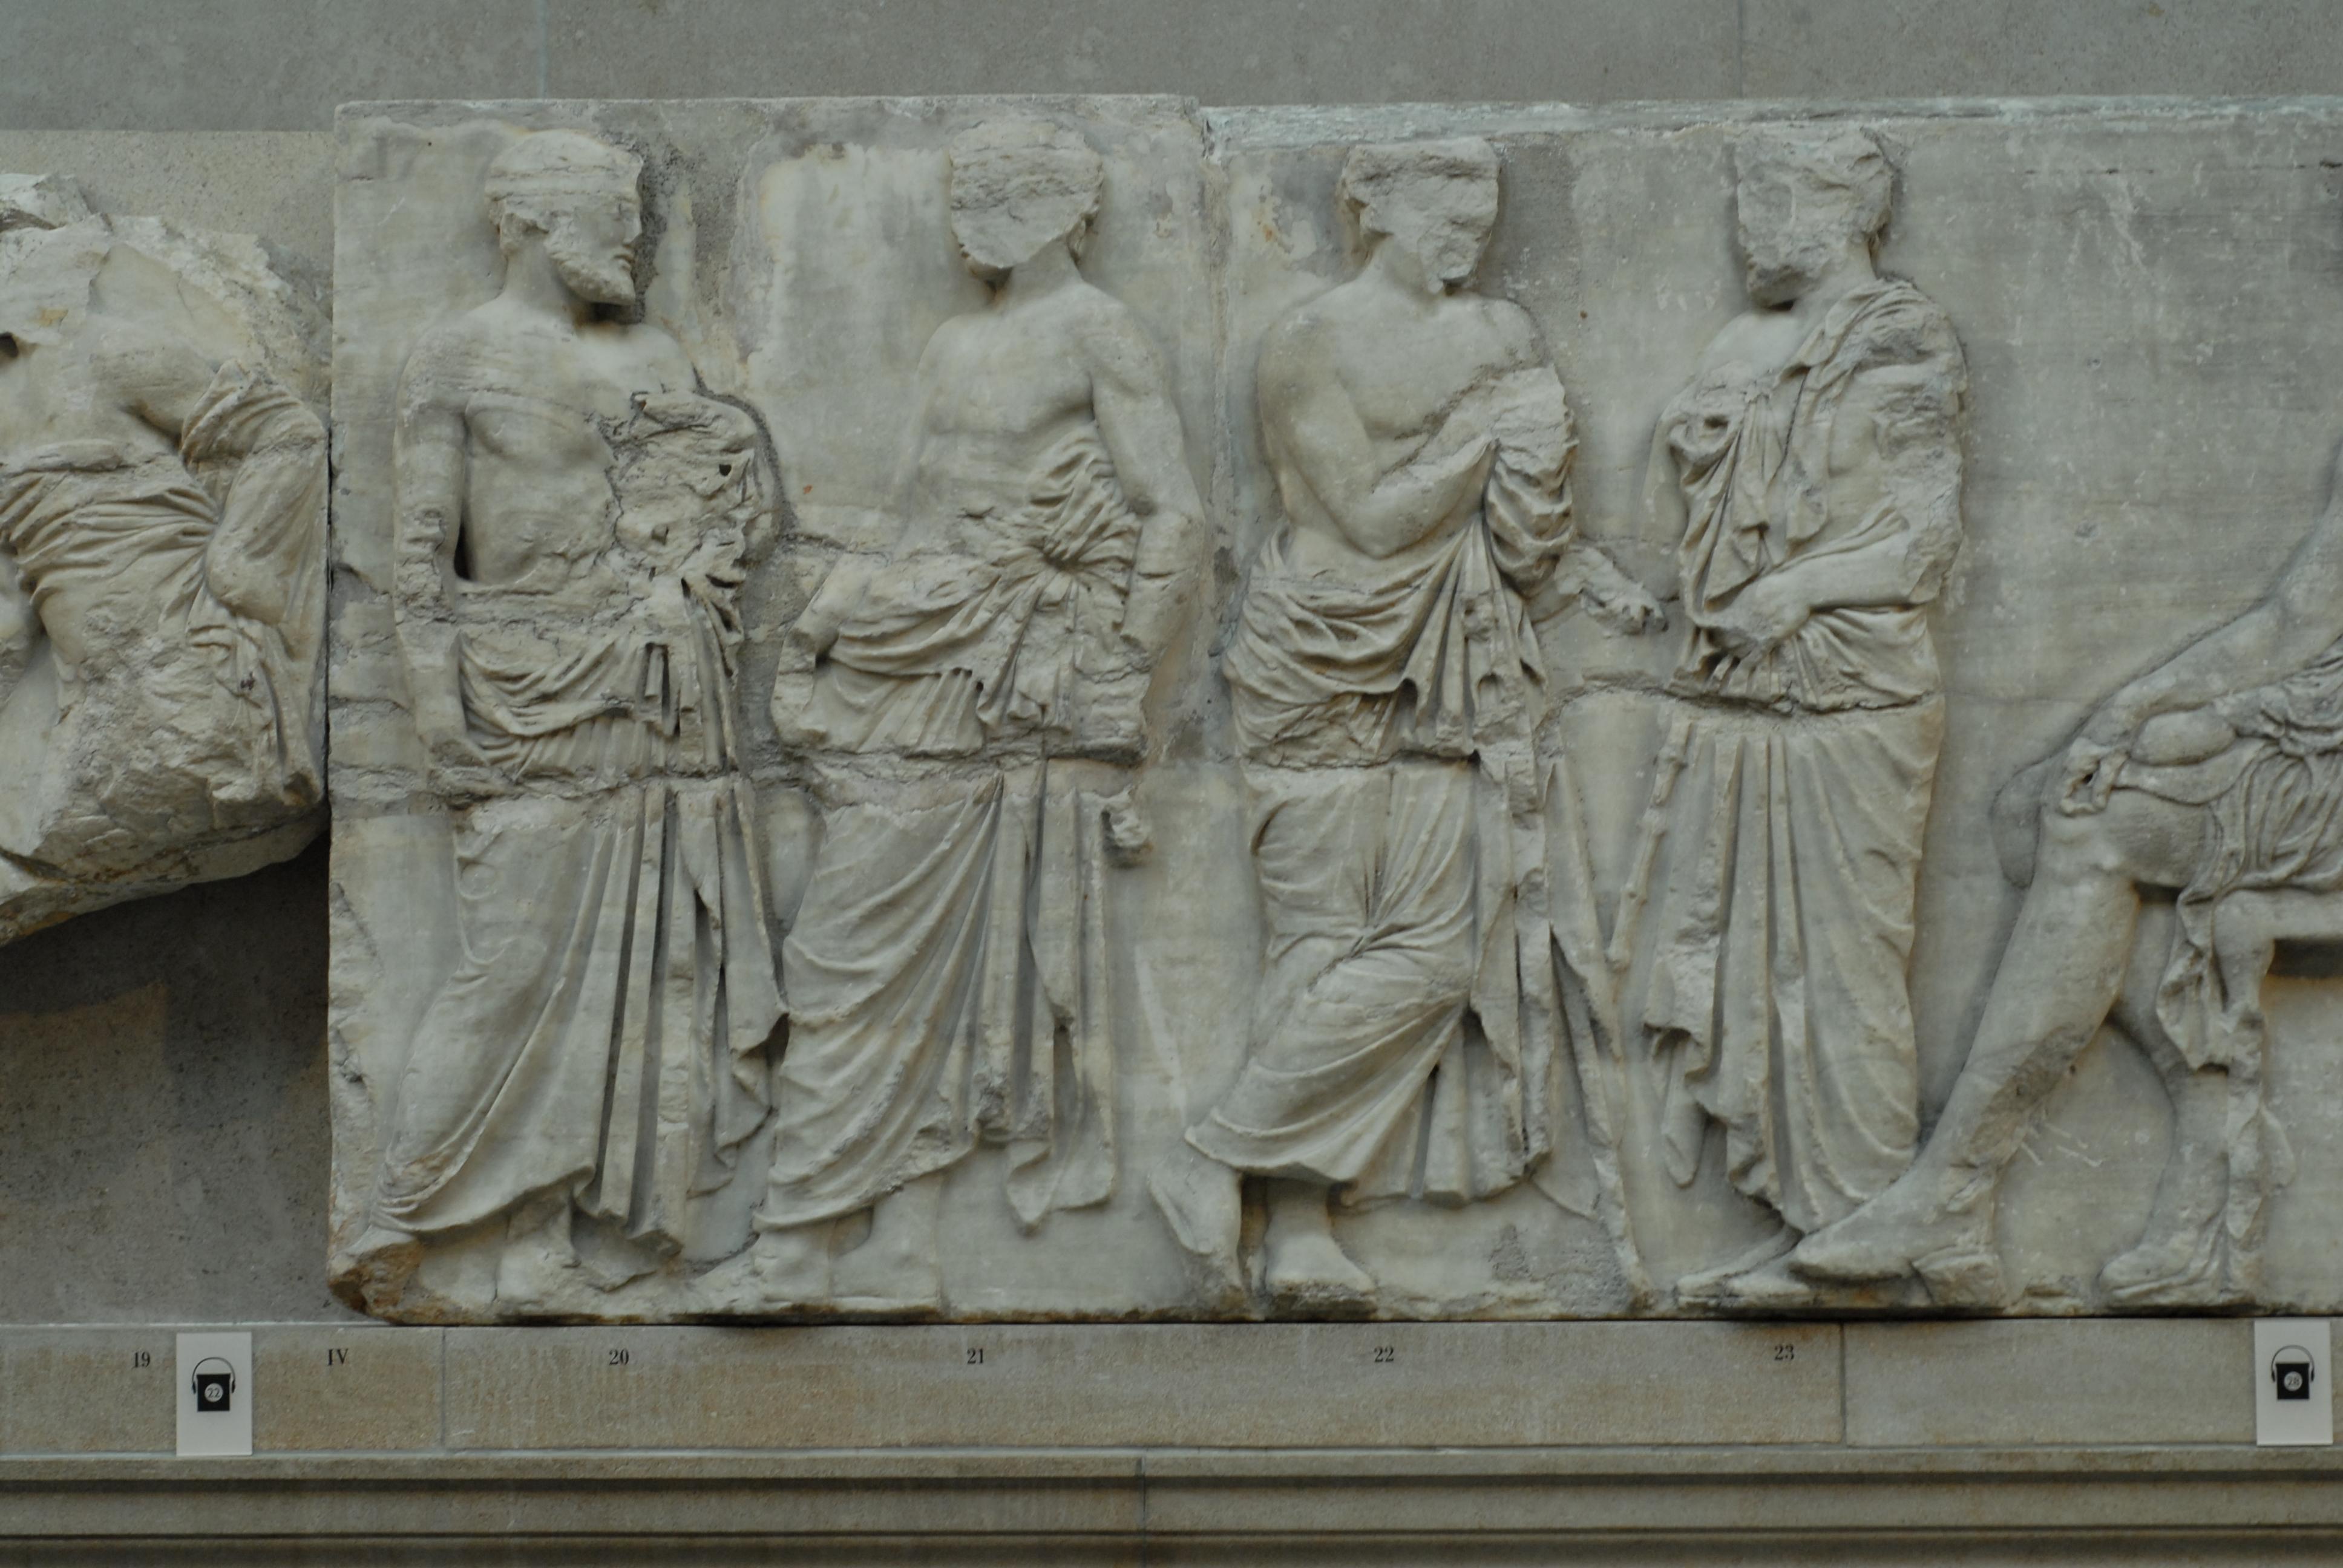 Magistrado de la Antigua Grecia - Wikiwand